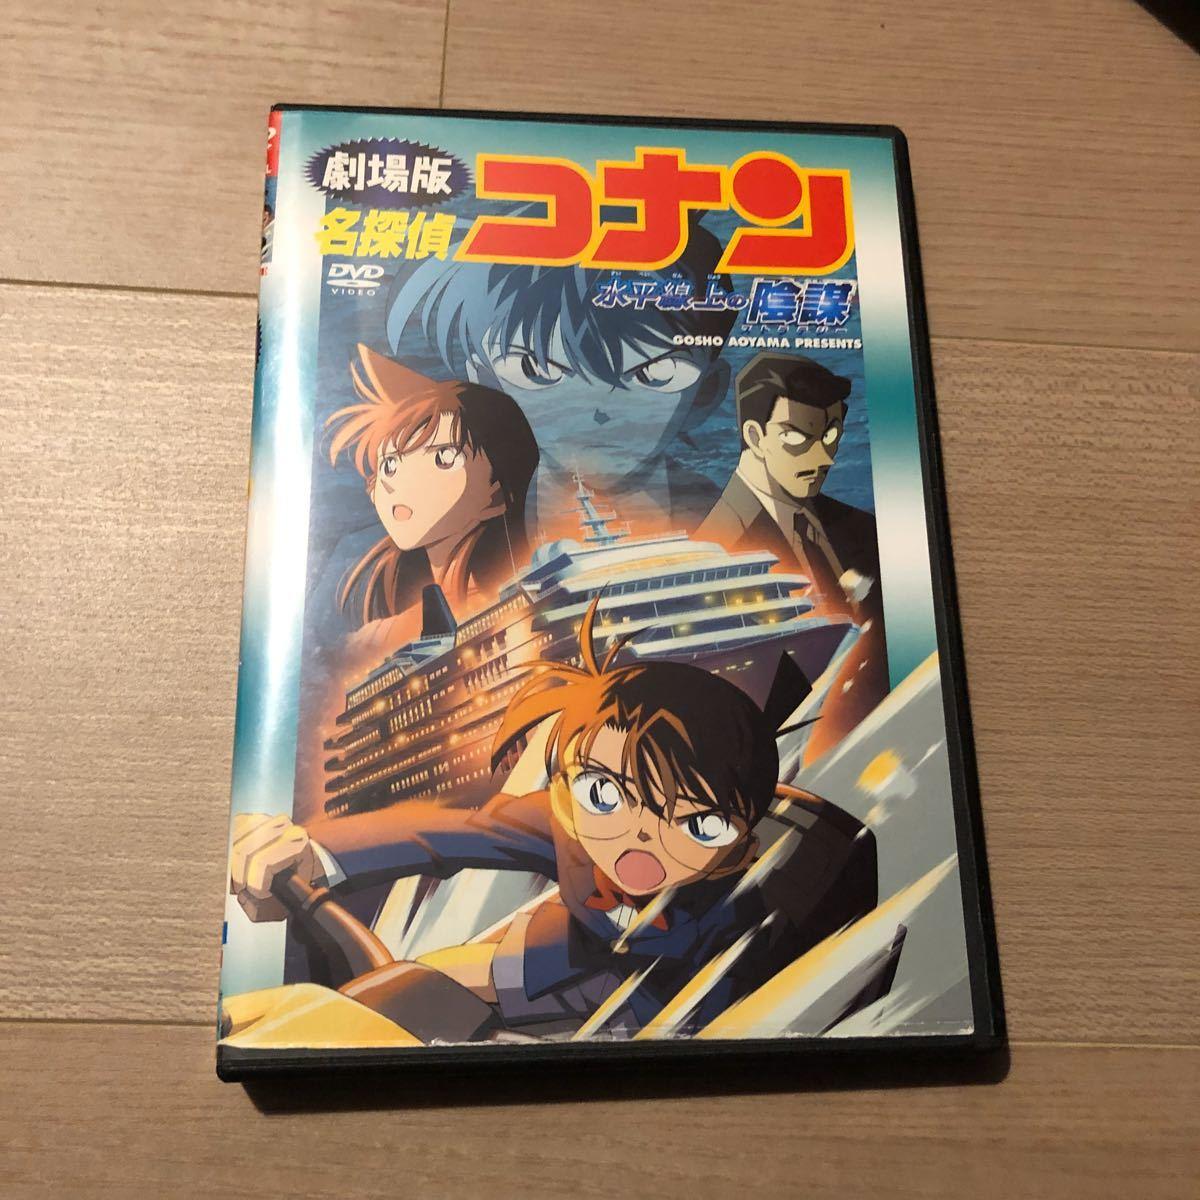 劇場版 名探偵コナン 水平線上の陰謀  DVD